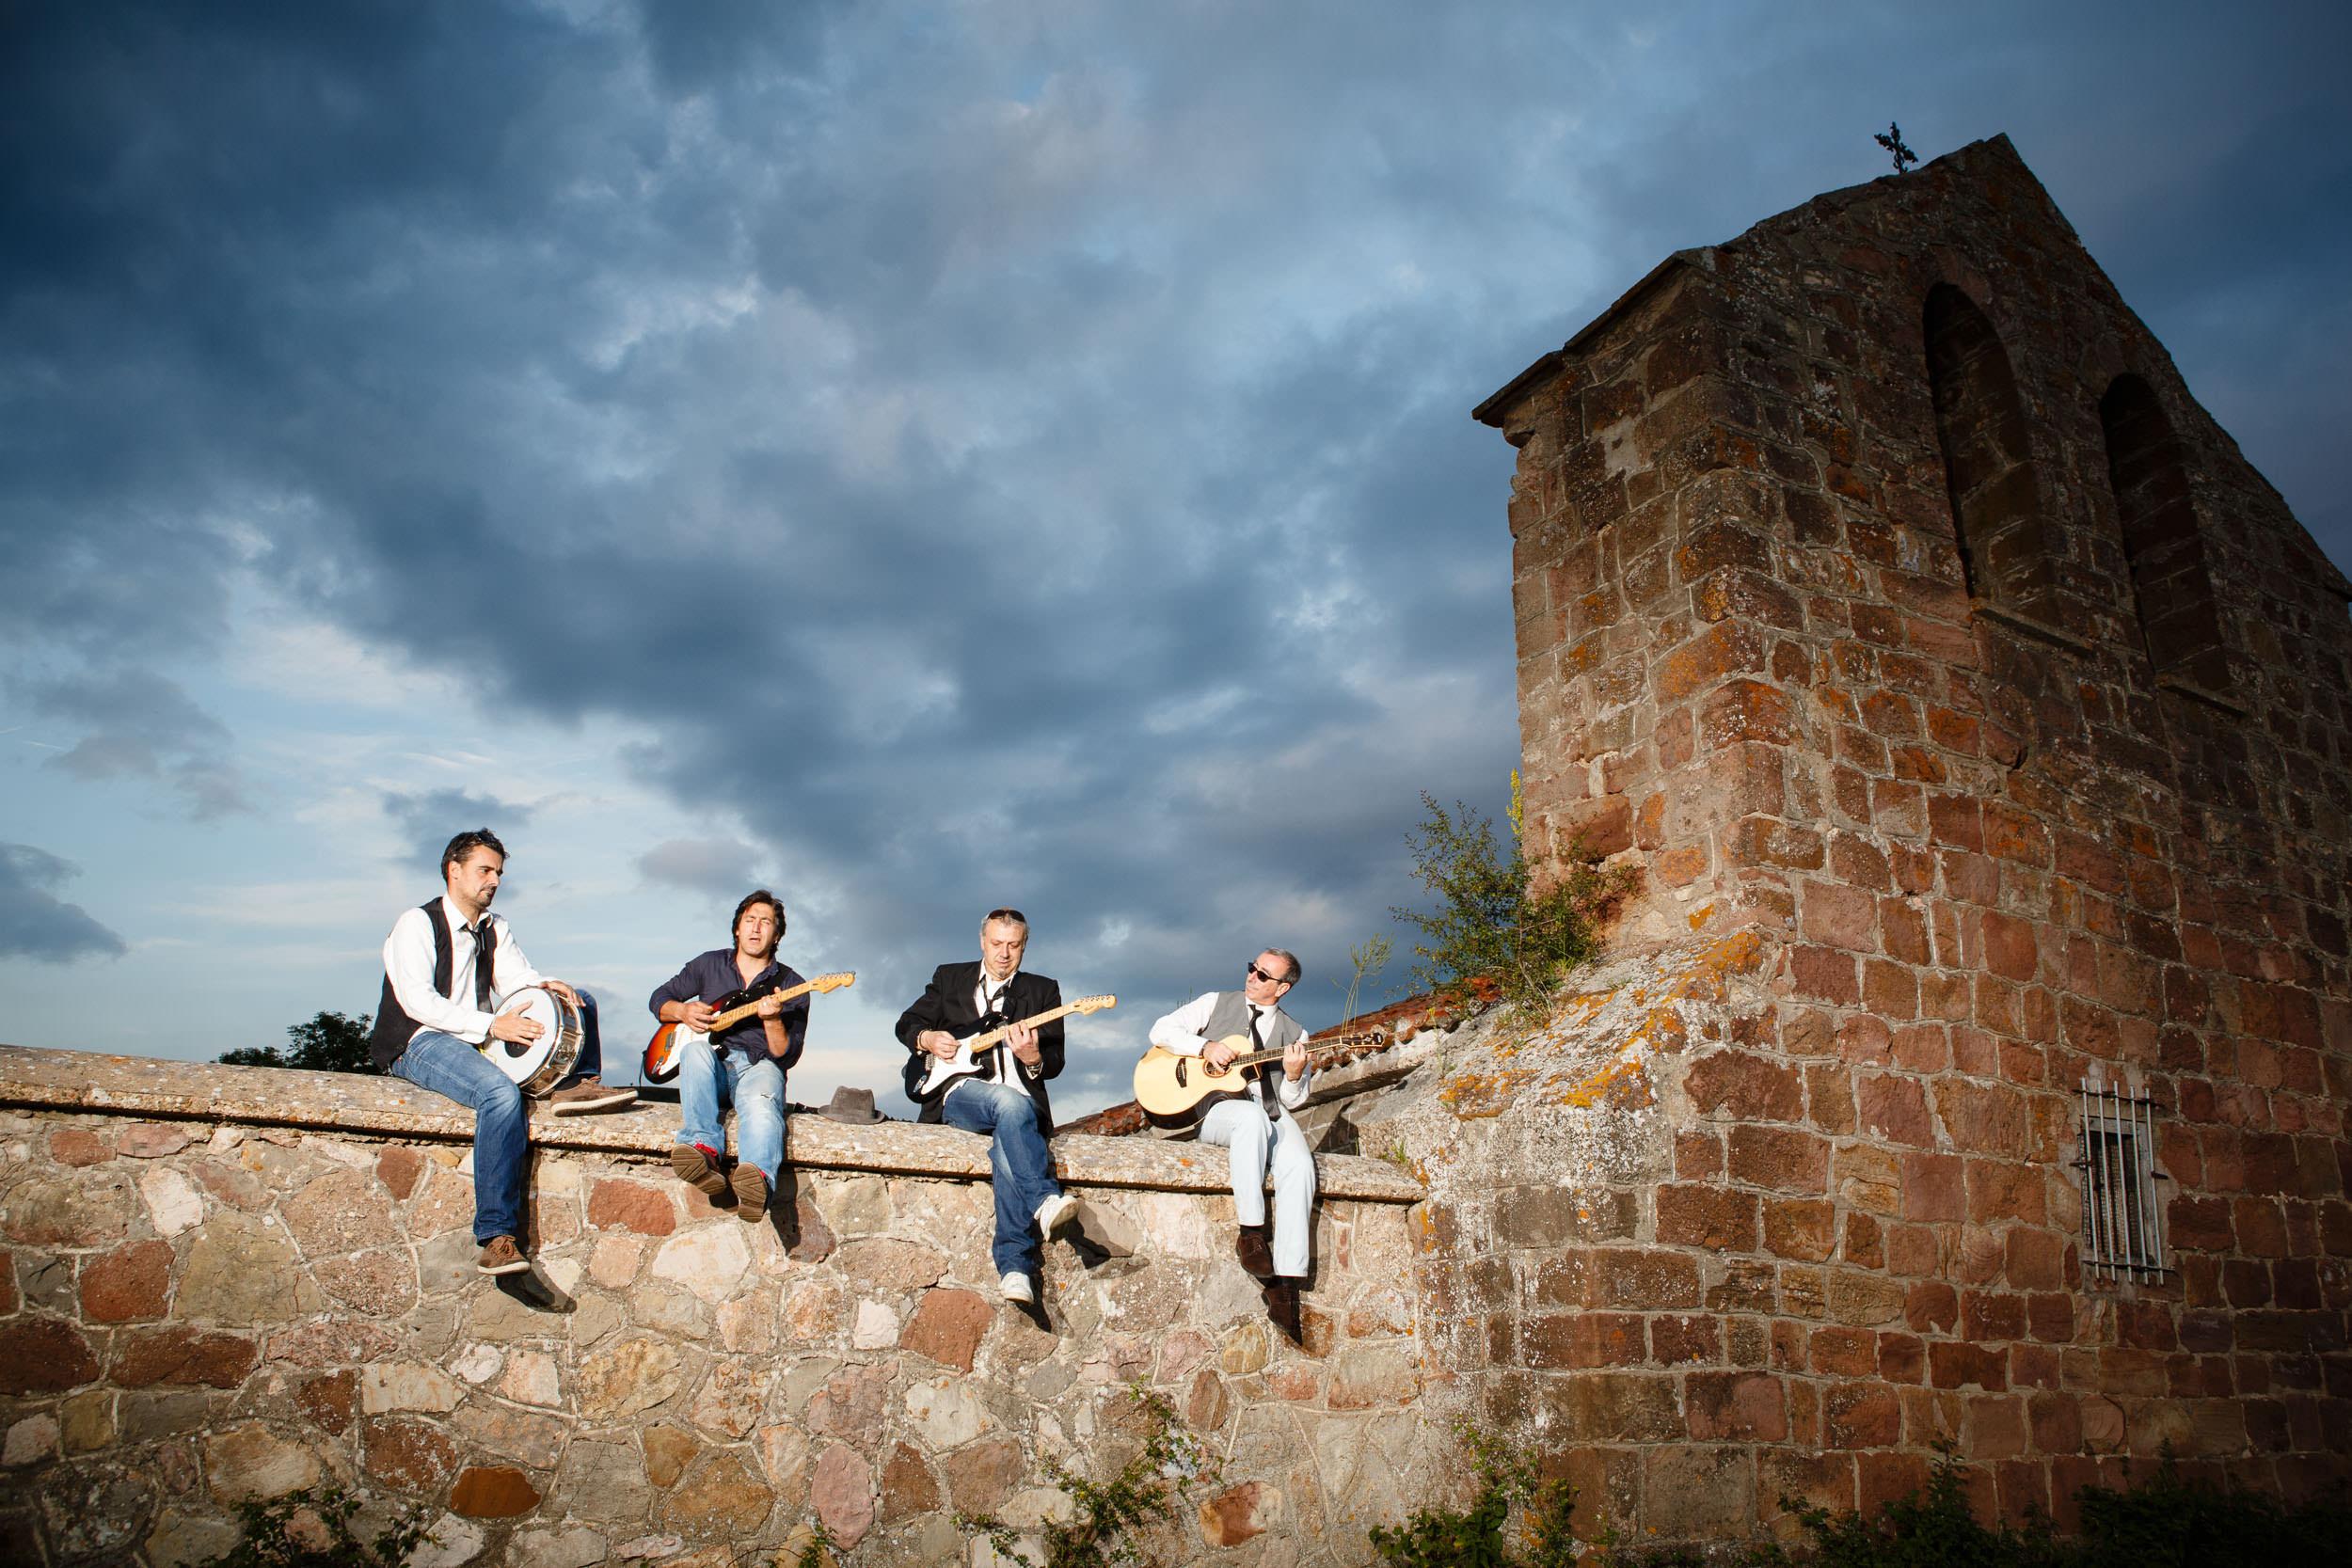 Fotografia de Retratos La Rioja Pais Vasco España - James Sturcke - sturcke.org_042.jpg